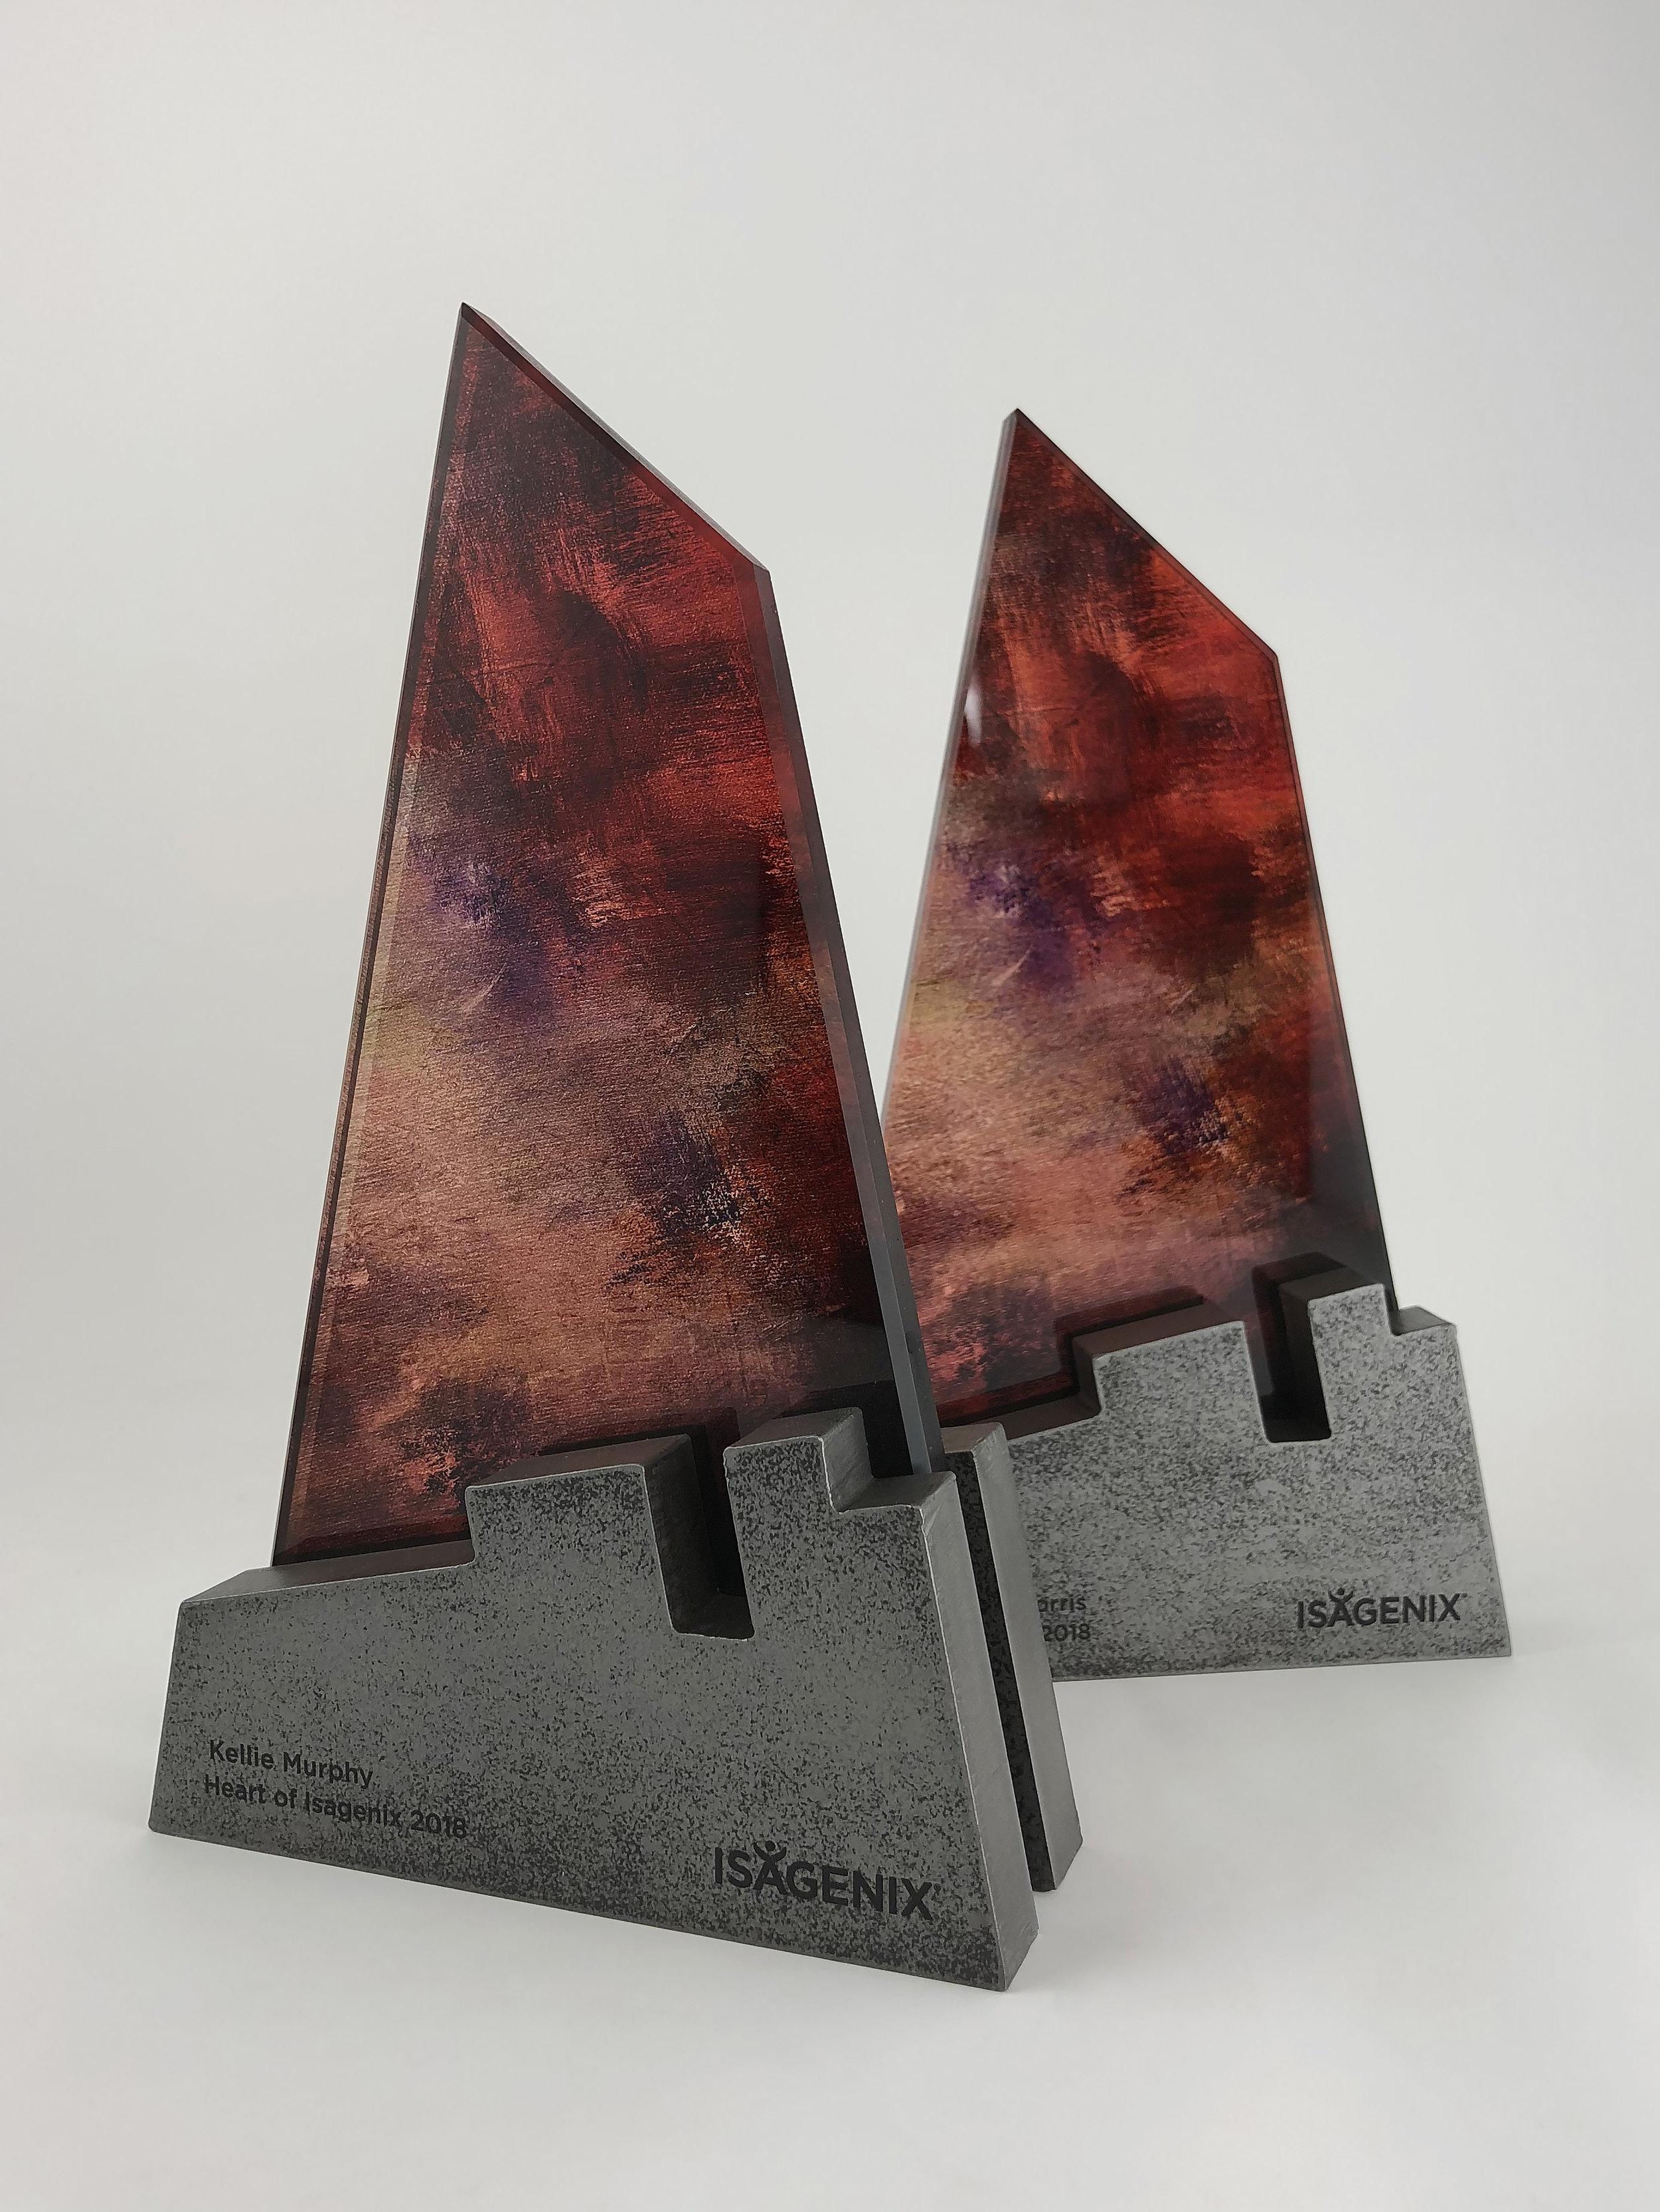 Heart-of-Isagenix-metal-glass-art-award-sculpture-trophy-01.jpg